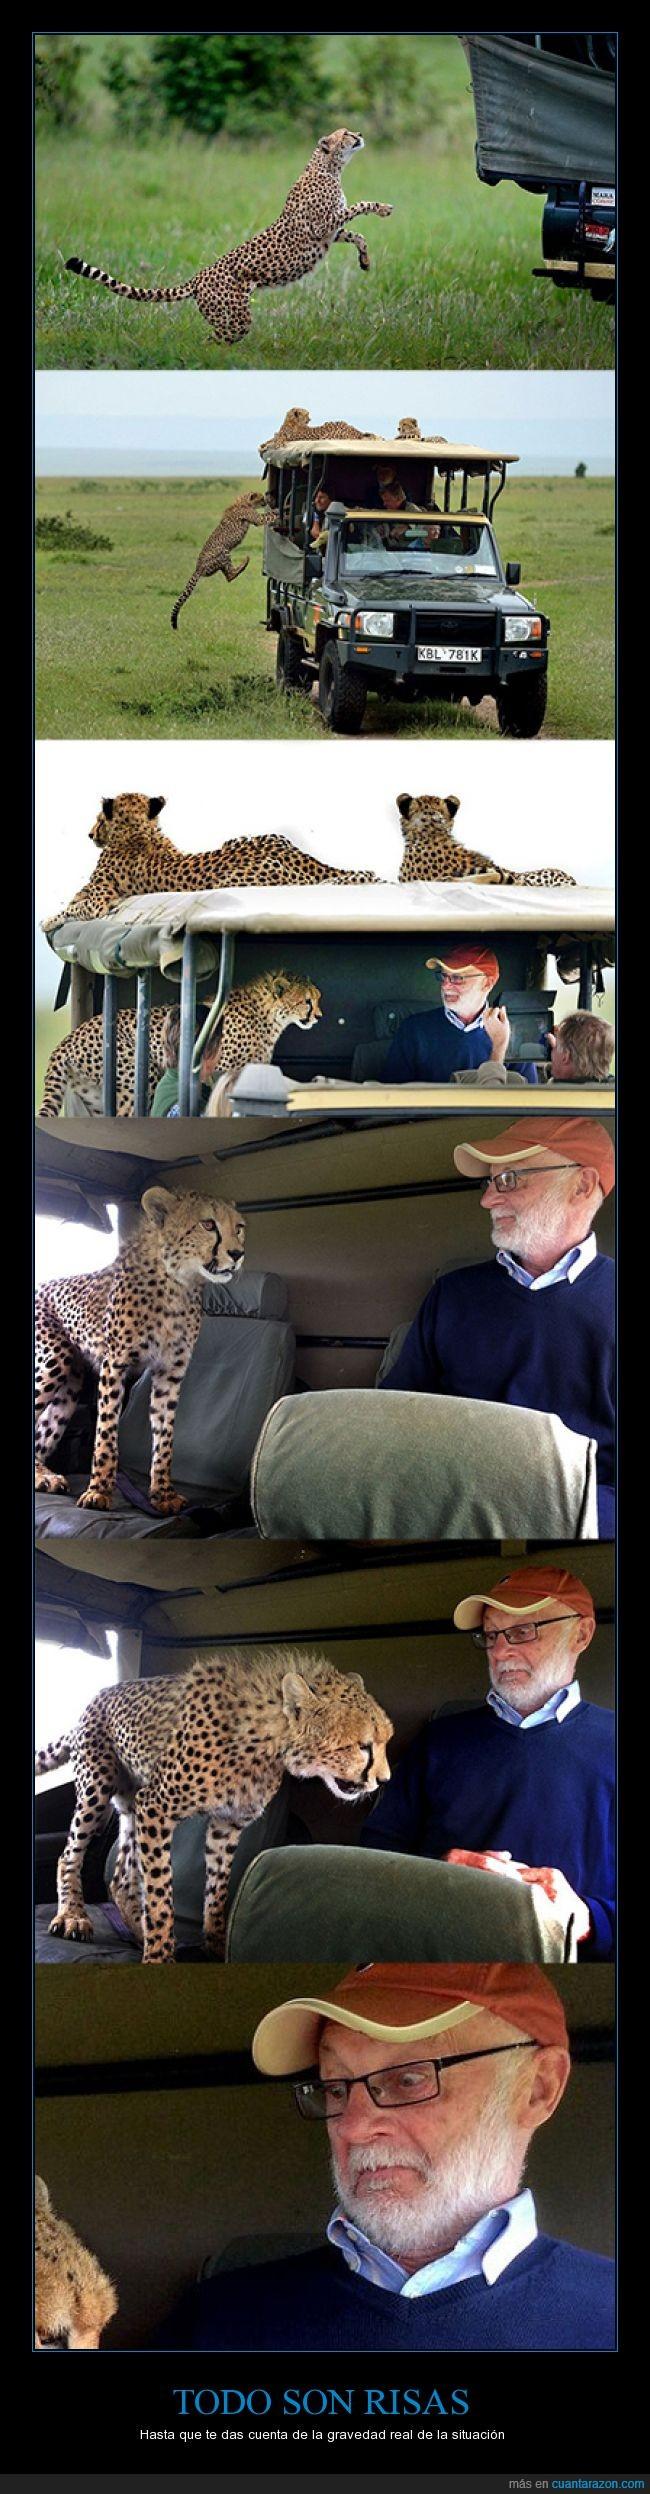 dócil,felino,guepardos,safari,sorpresa,susto